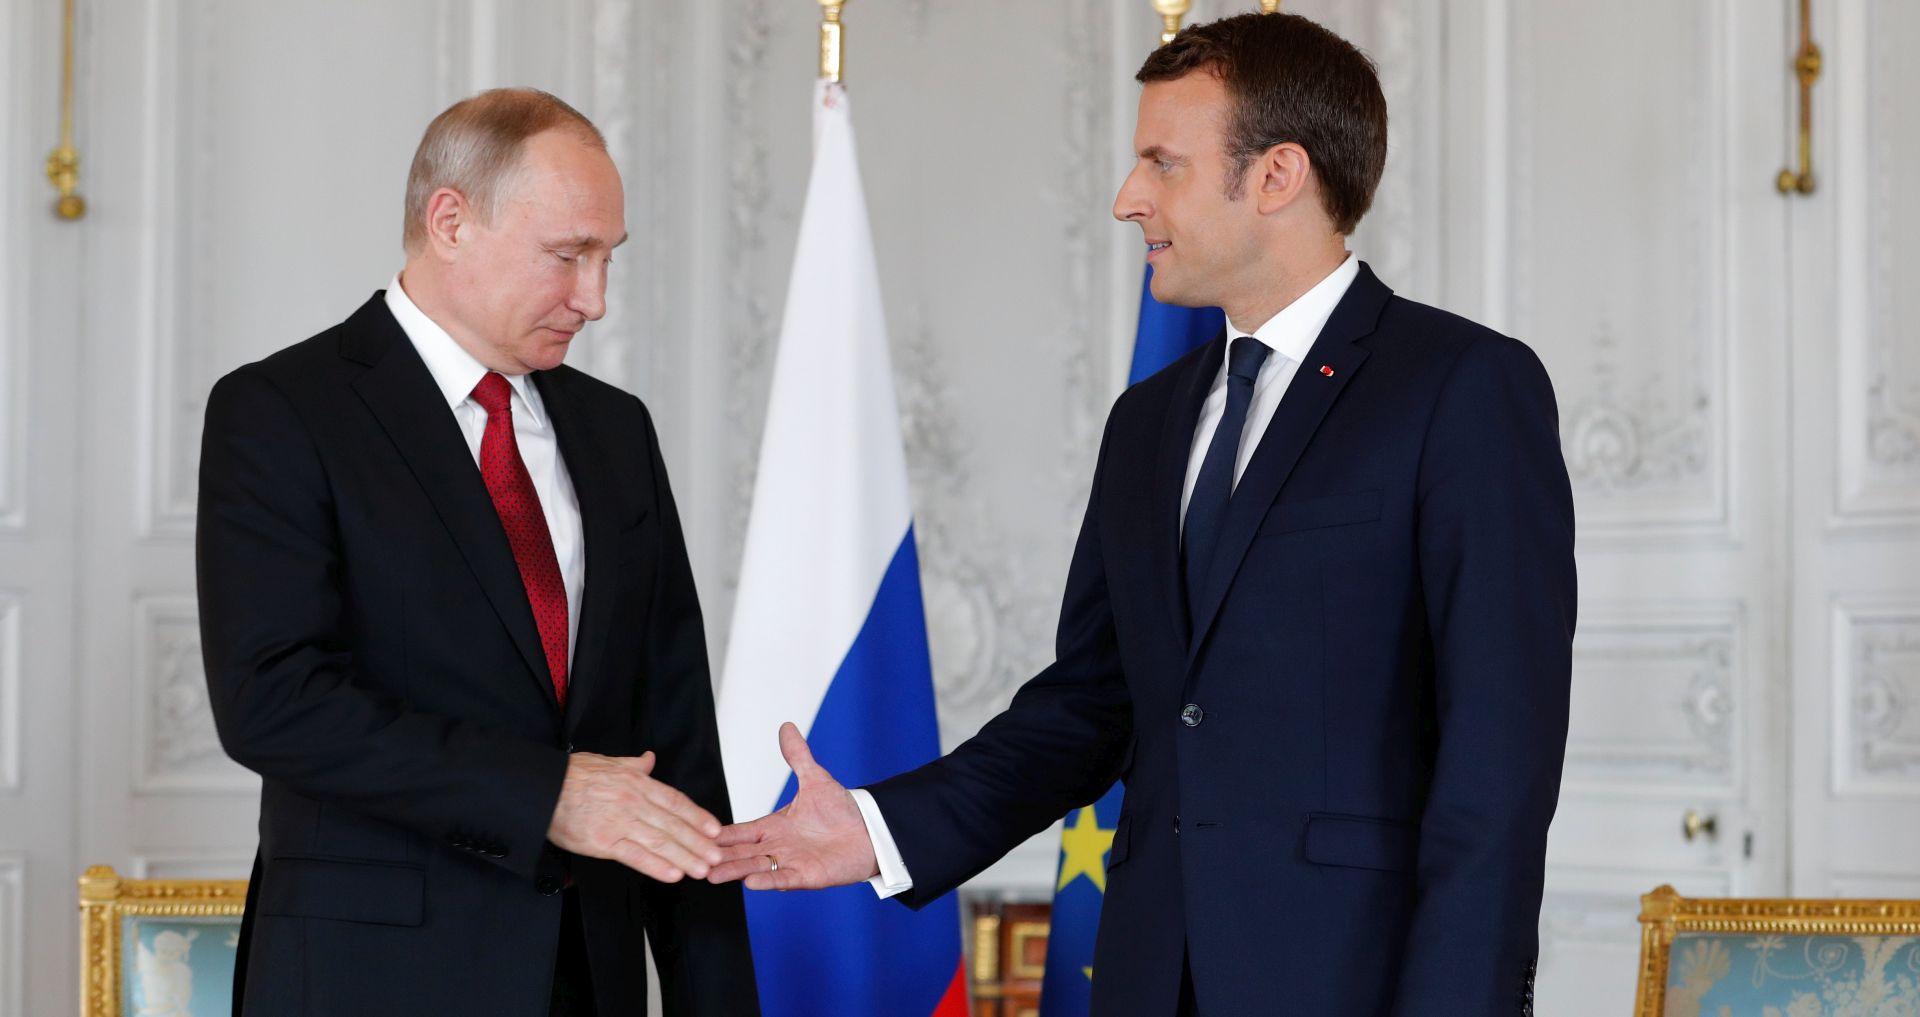 Macron čestitao Putinu i pozvao ga da rasvijetli slučaj Skripal